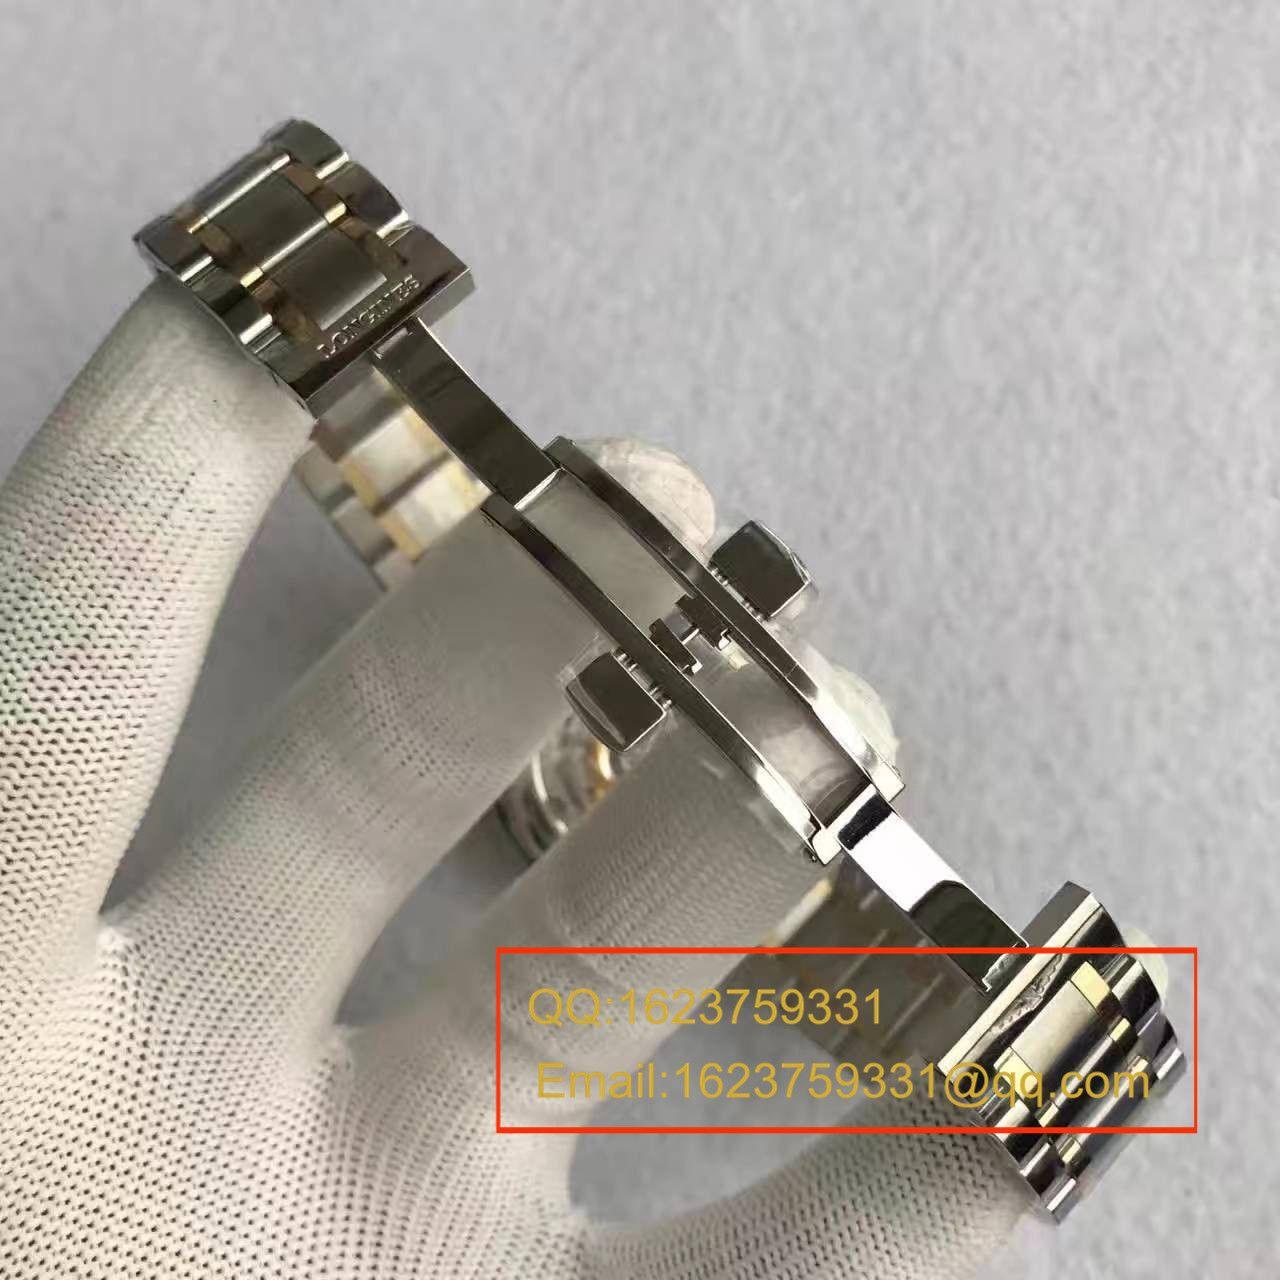 【MK厂一比一超A精仿手表】浪琴制表传统系列L2.628.5.77.7腕表